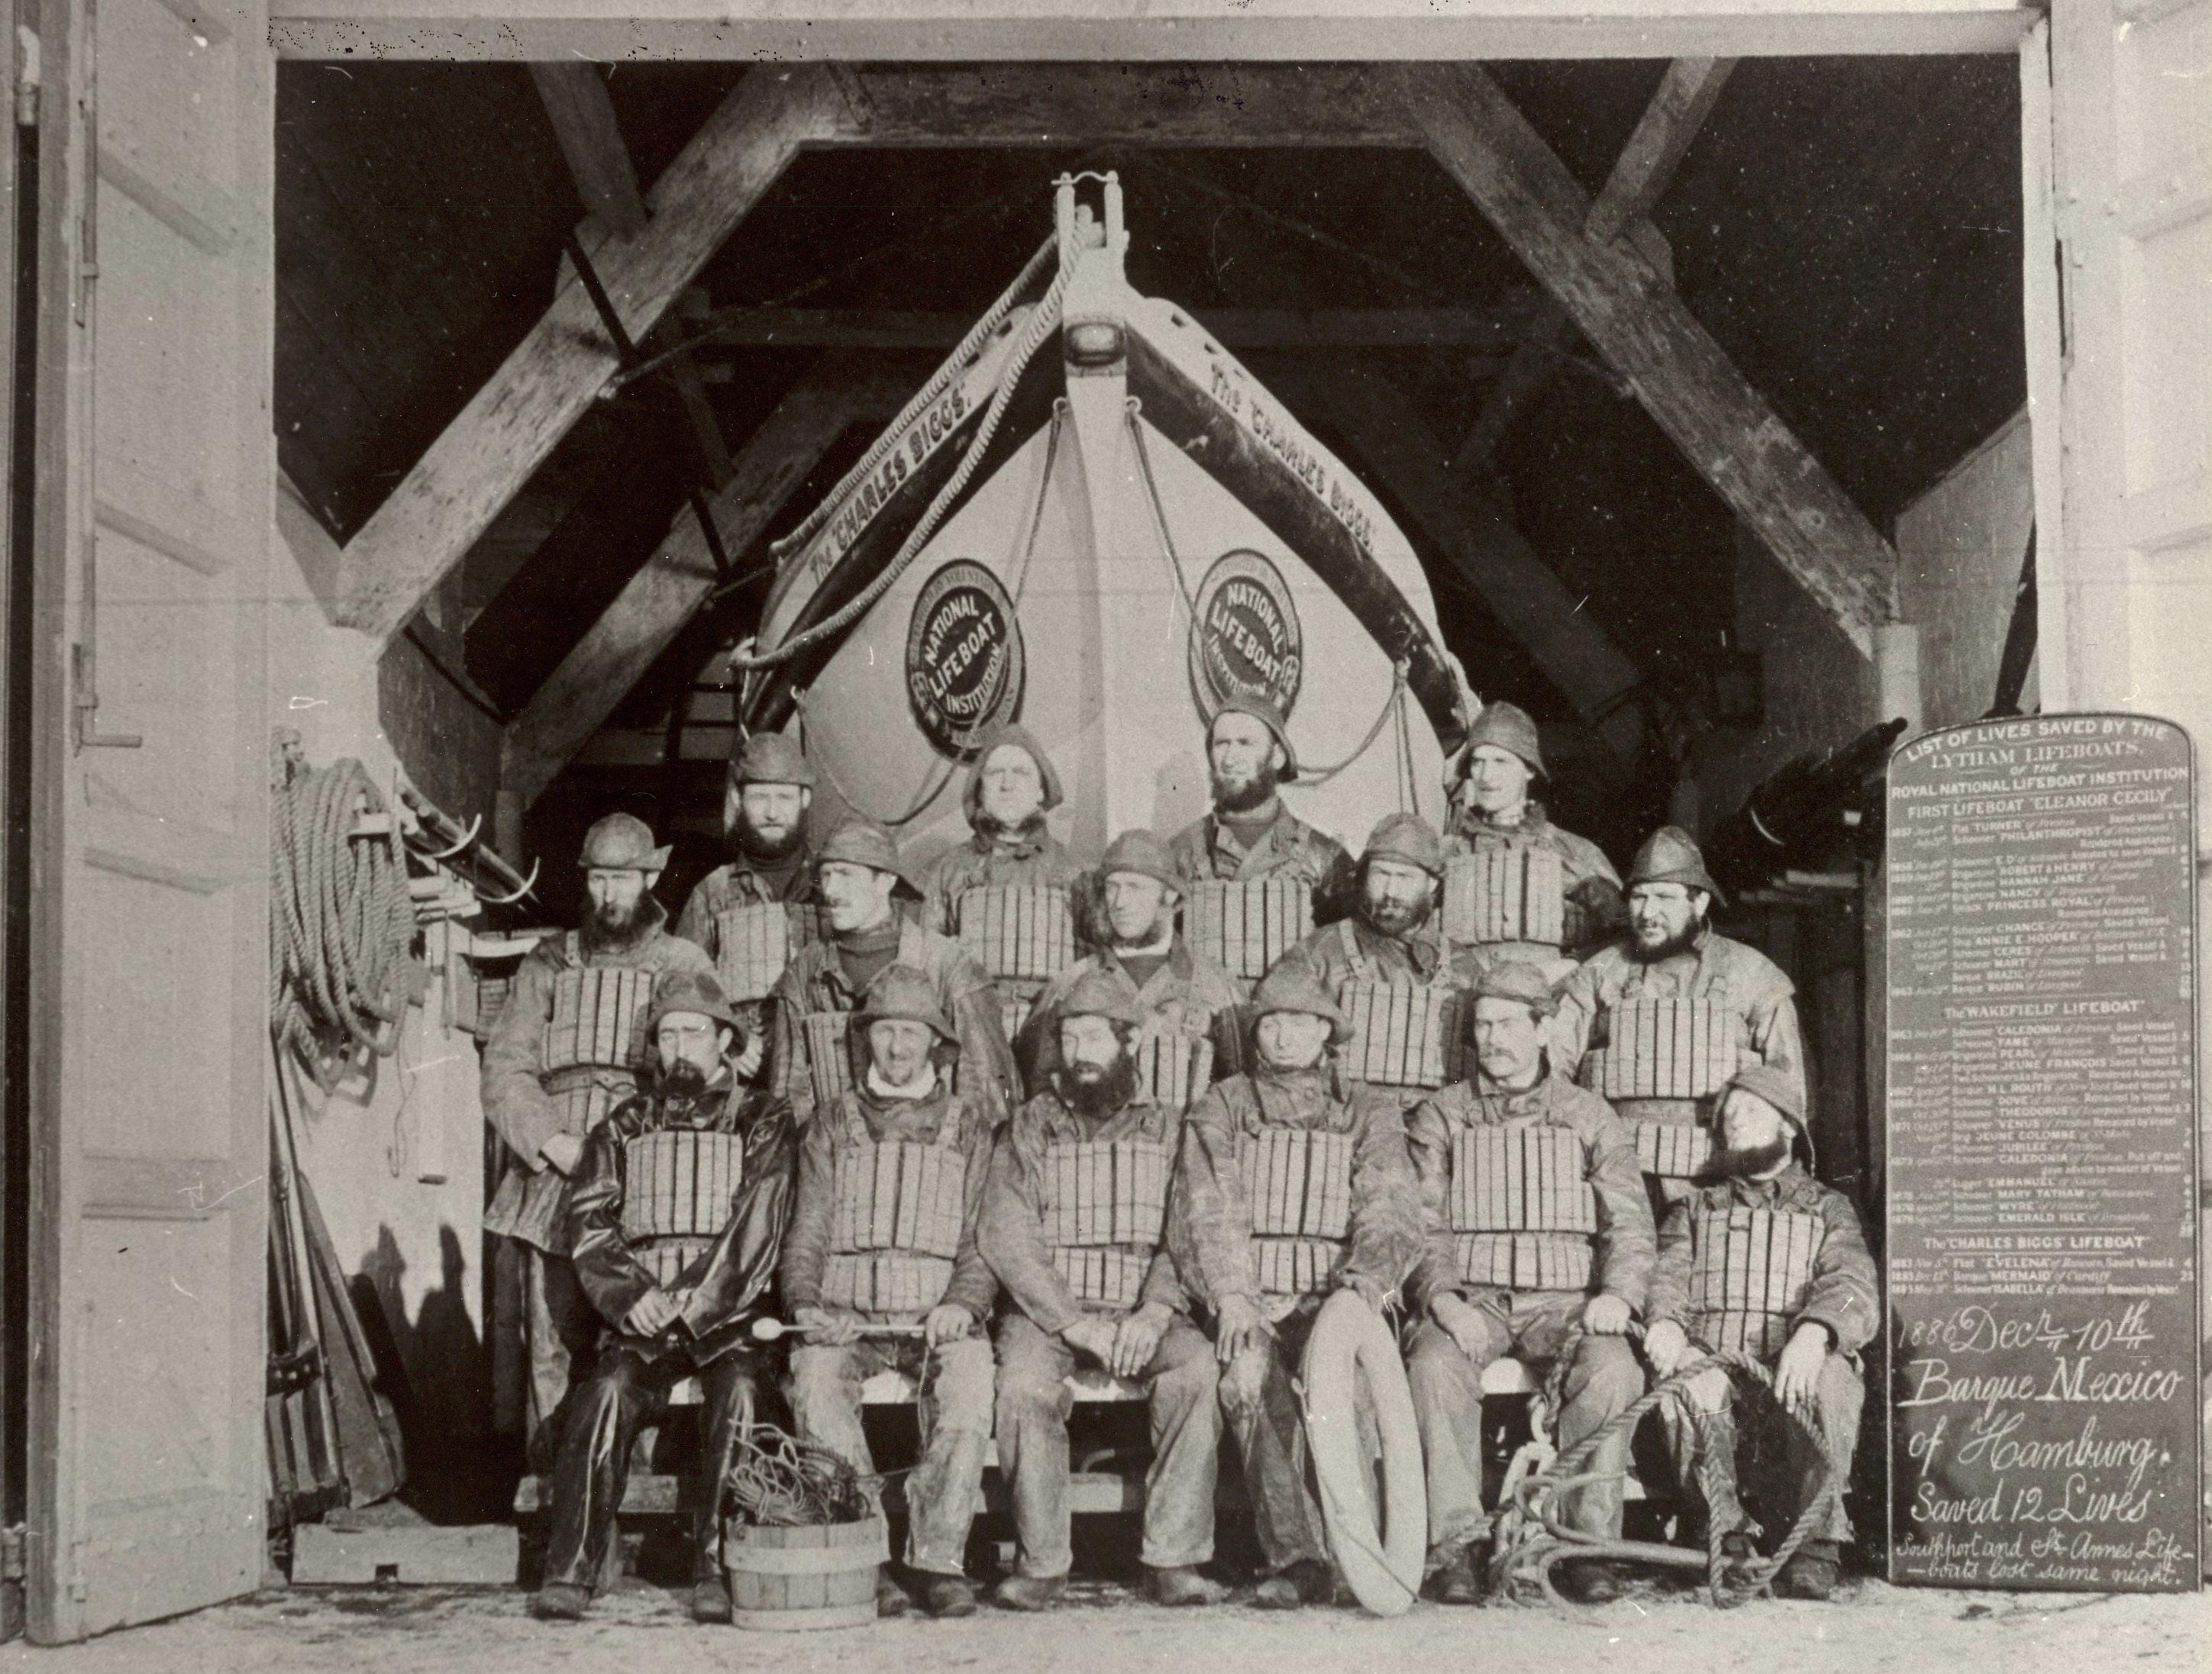 charles-biggs-1886-lytham-st-annes-rnli